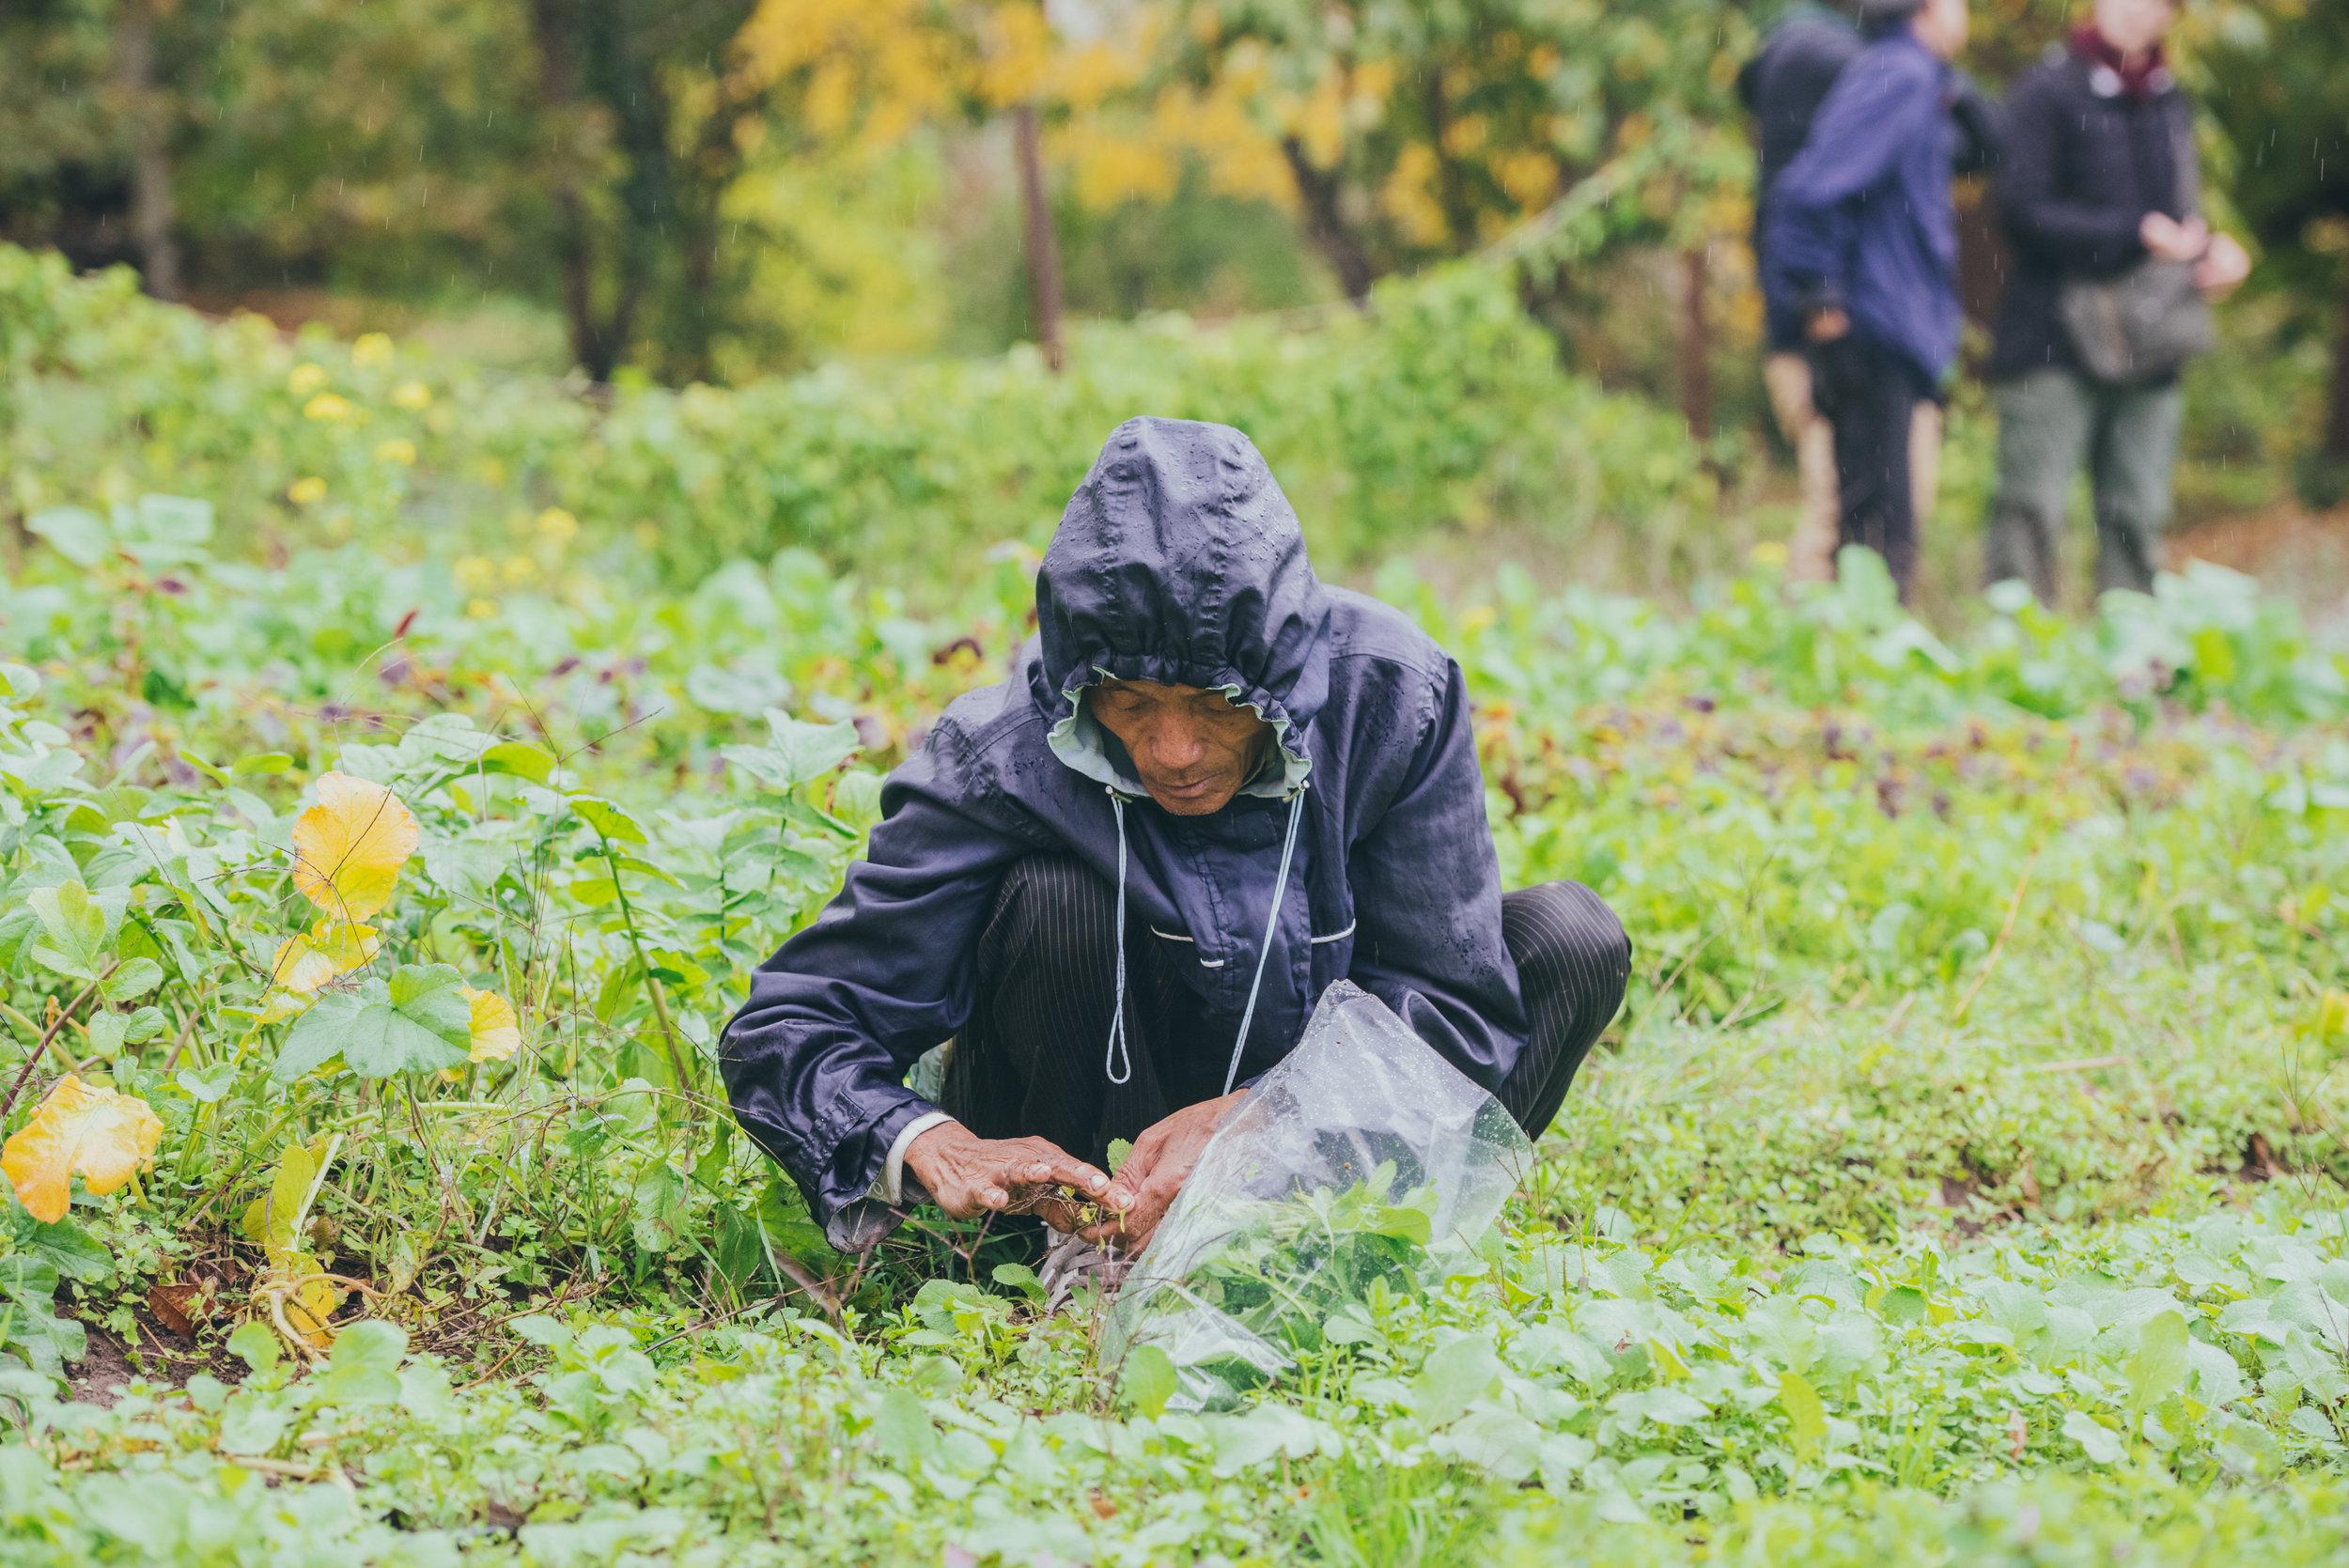 Refuge Garden - Mercy Corps NW Another Look 10-30-15 2015-15.jpg